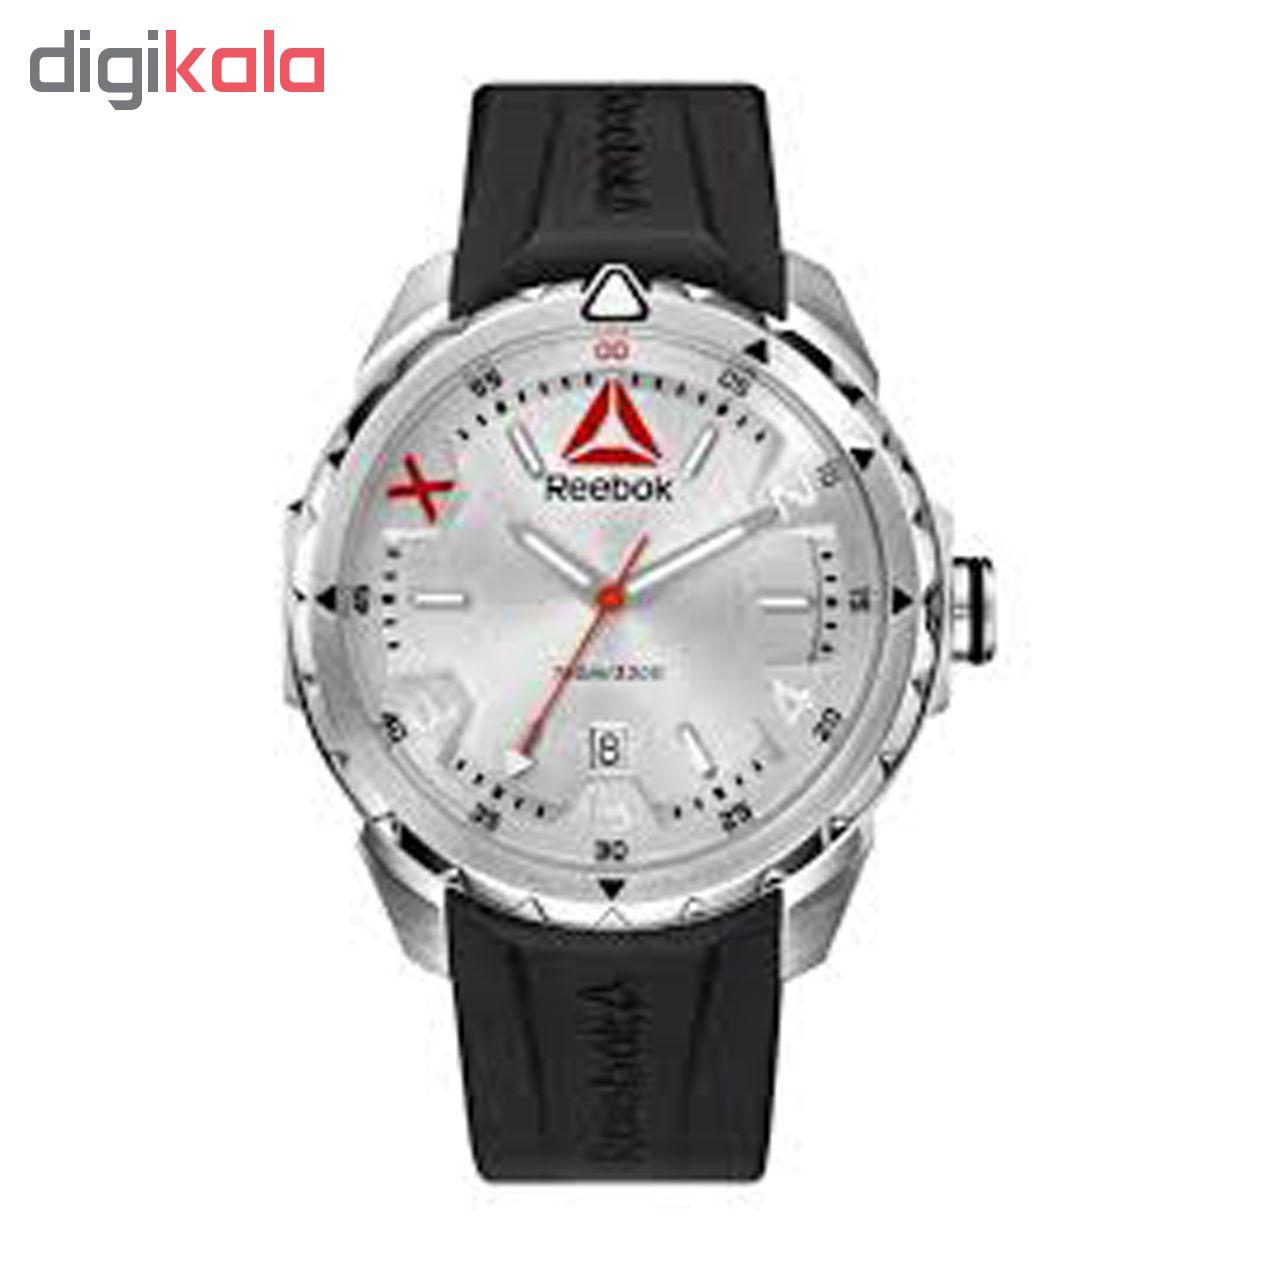 خرید ساعت مچی عقربه ای مردانه ریباک مدل RD-IMP-G3-S1IB-11